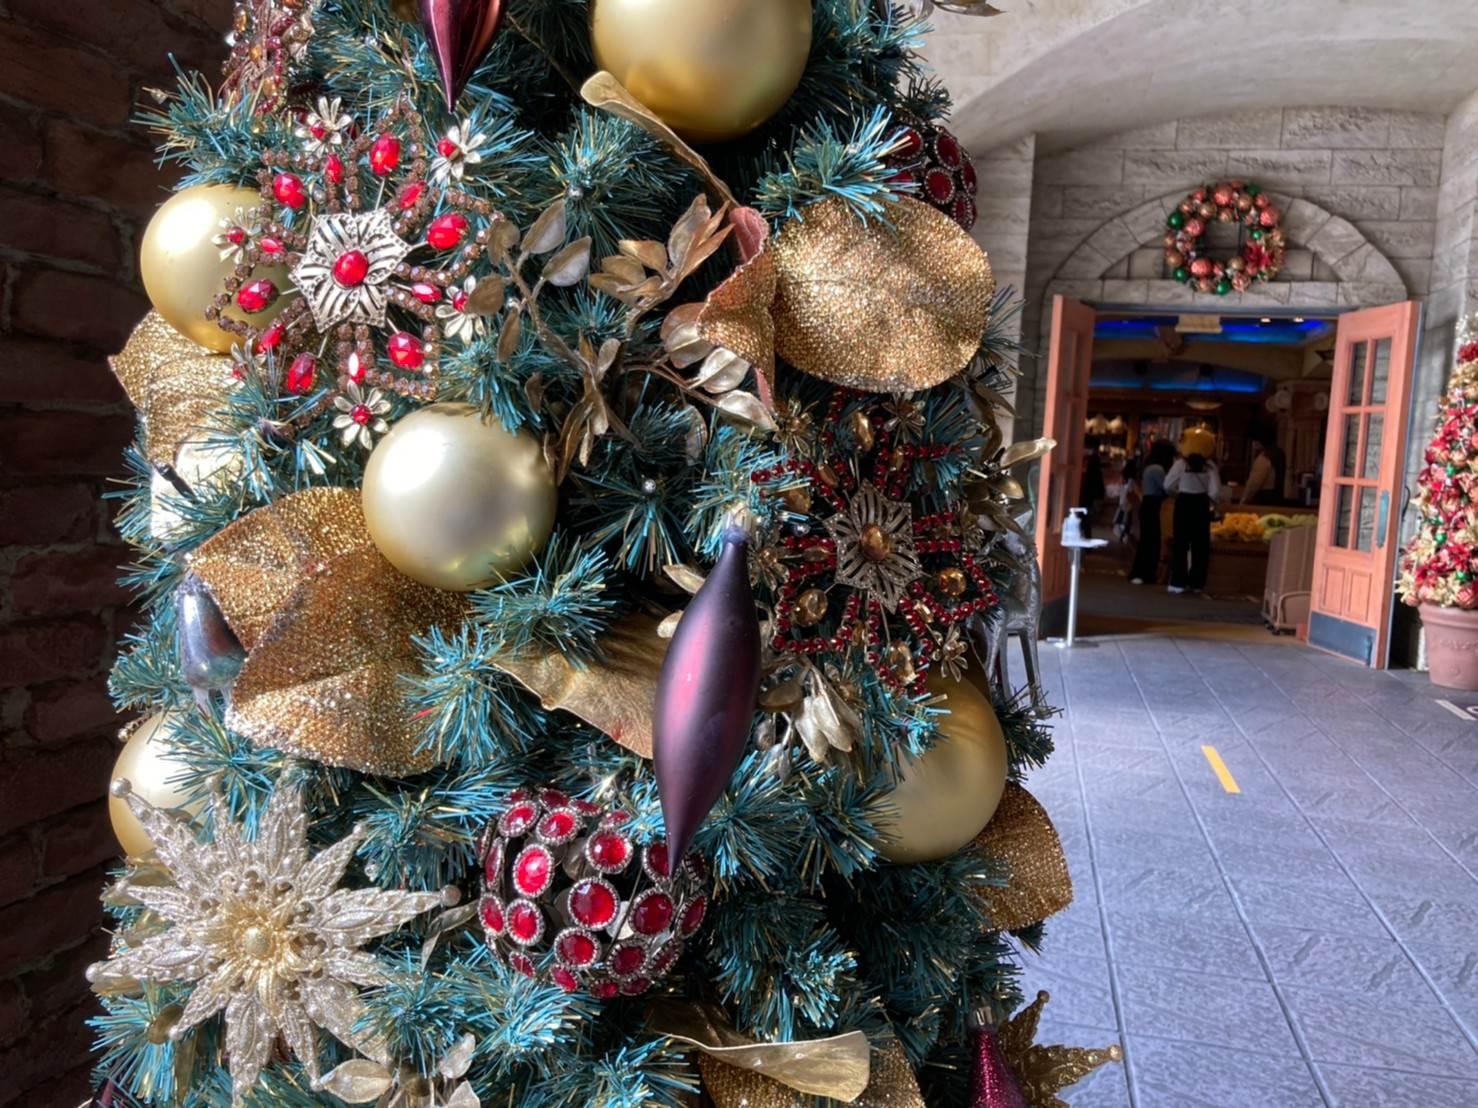 【ディズニーシー】ディズニークリスマス2020のおすすめプラン!今年のクリスマスの過ごし方を紹介します!